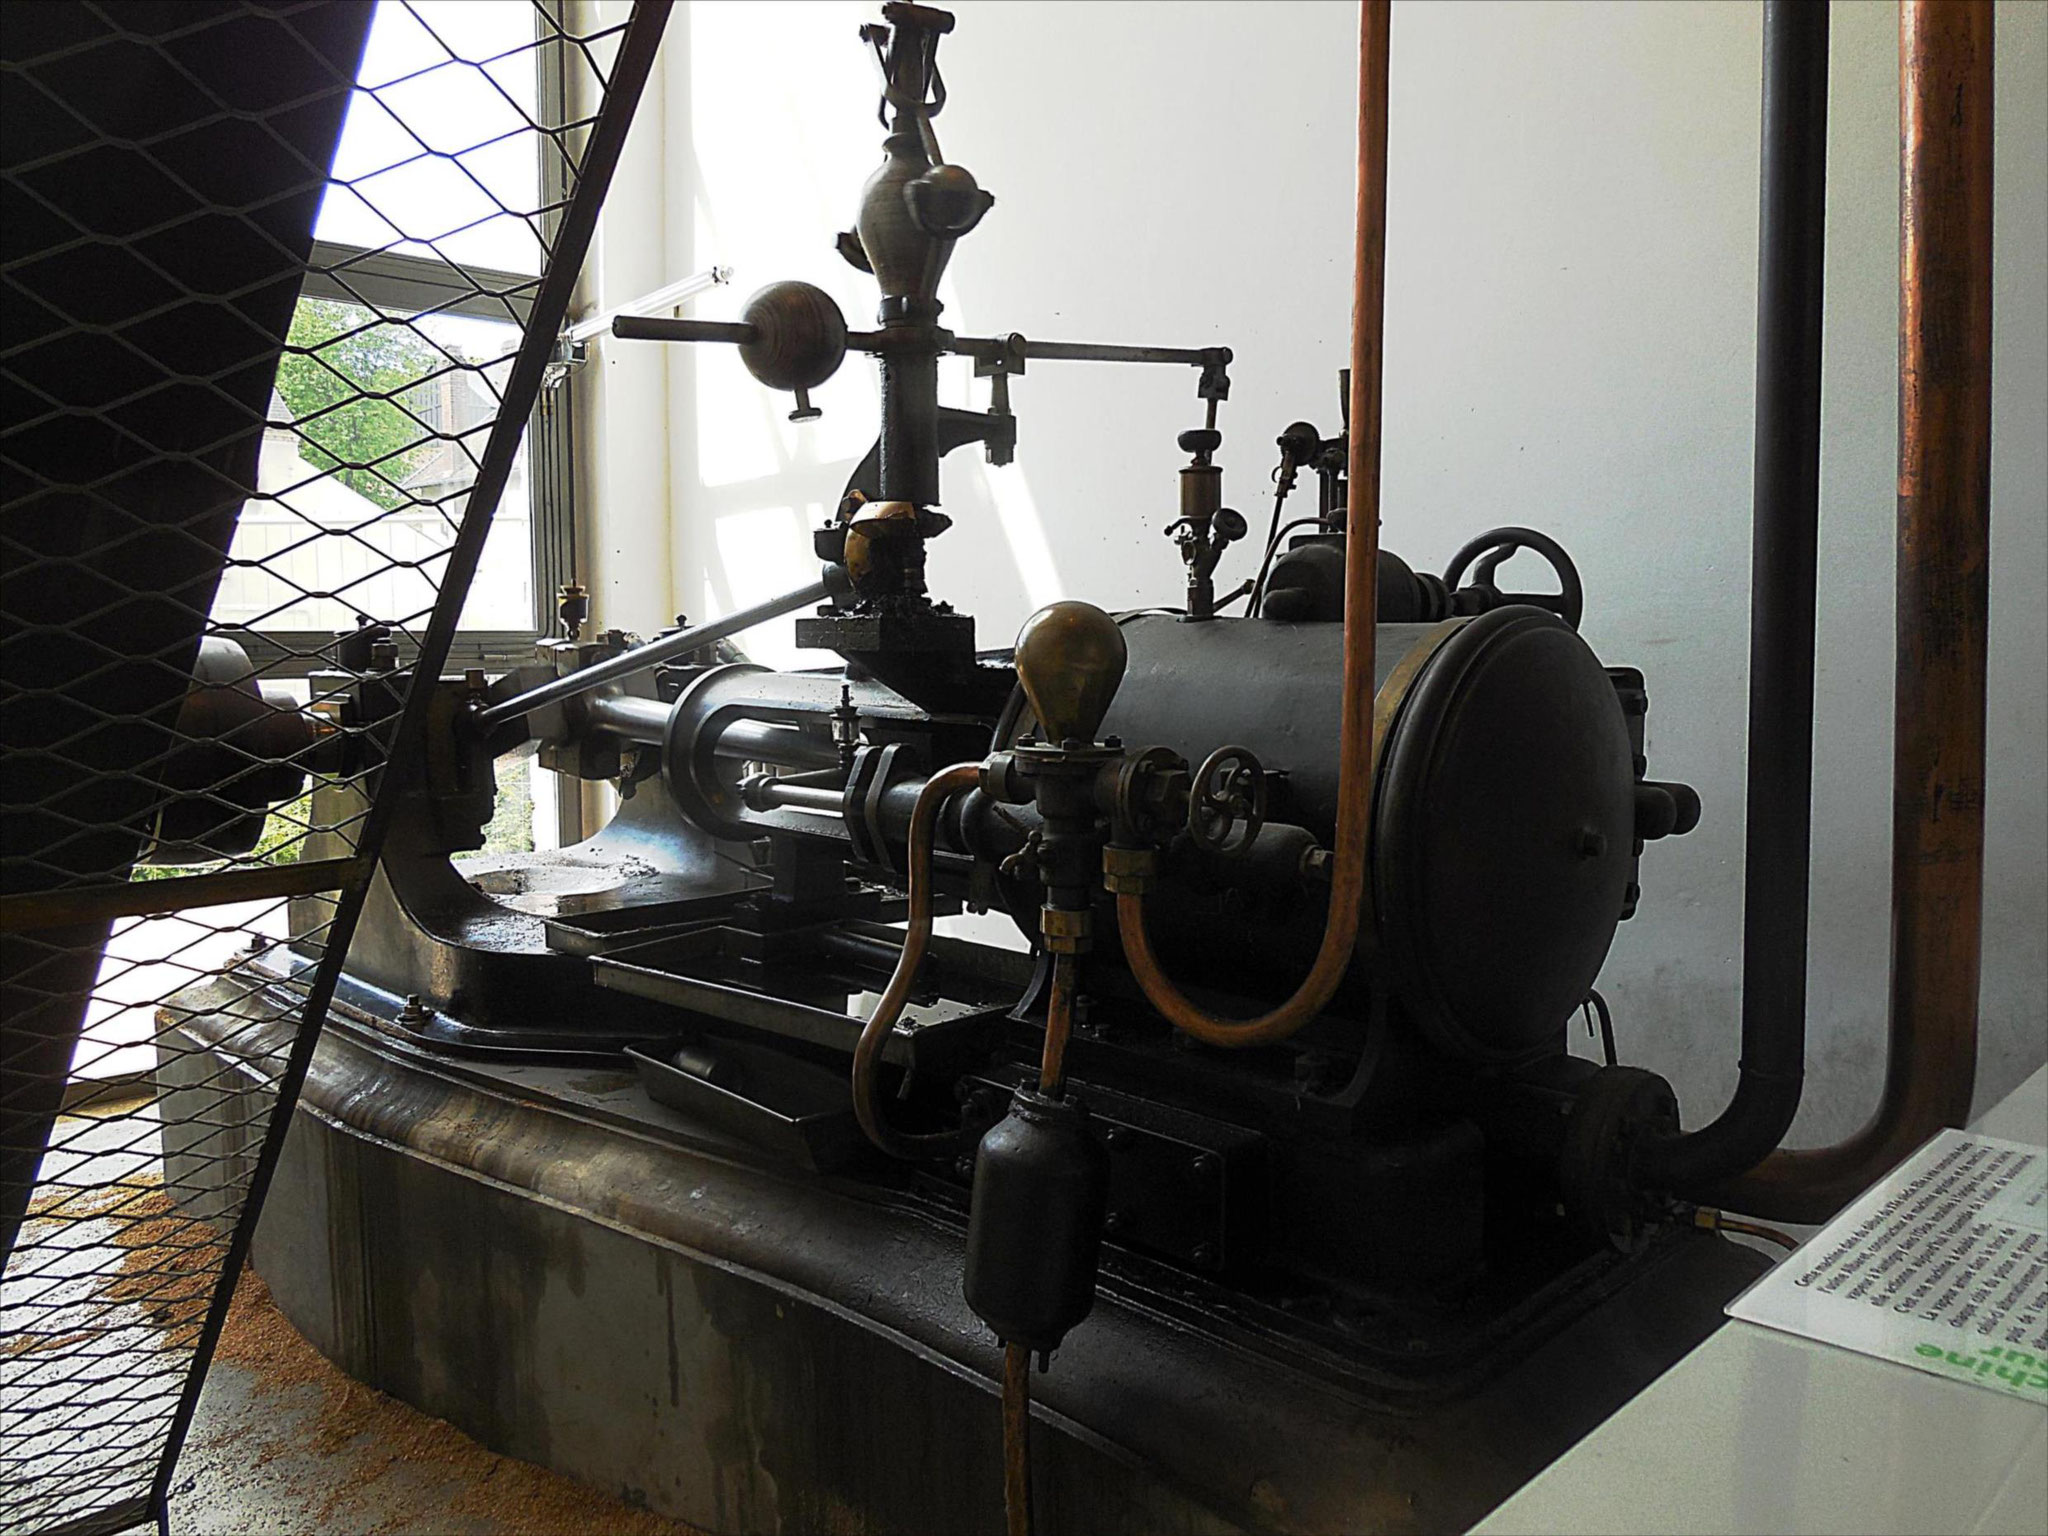 Vue de côté de la machine à vapeur centrale